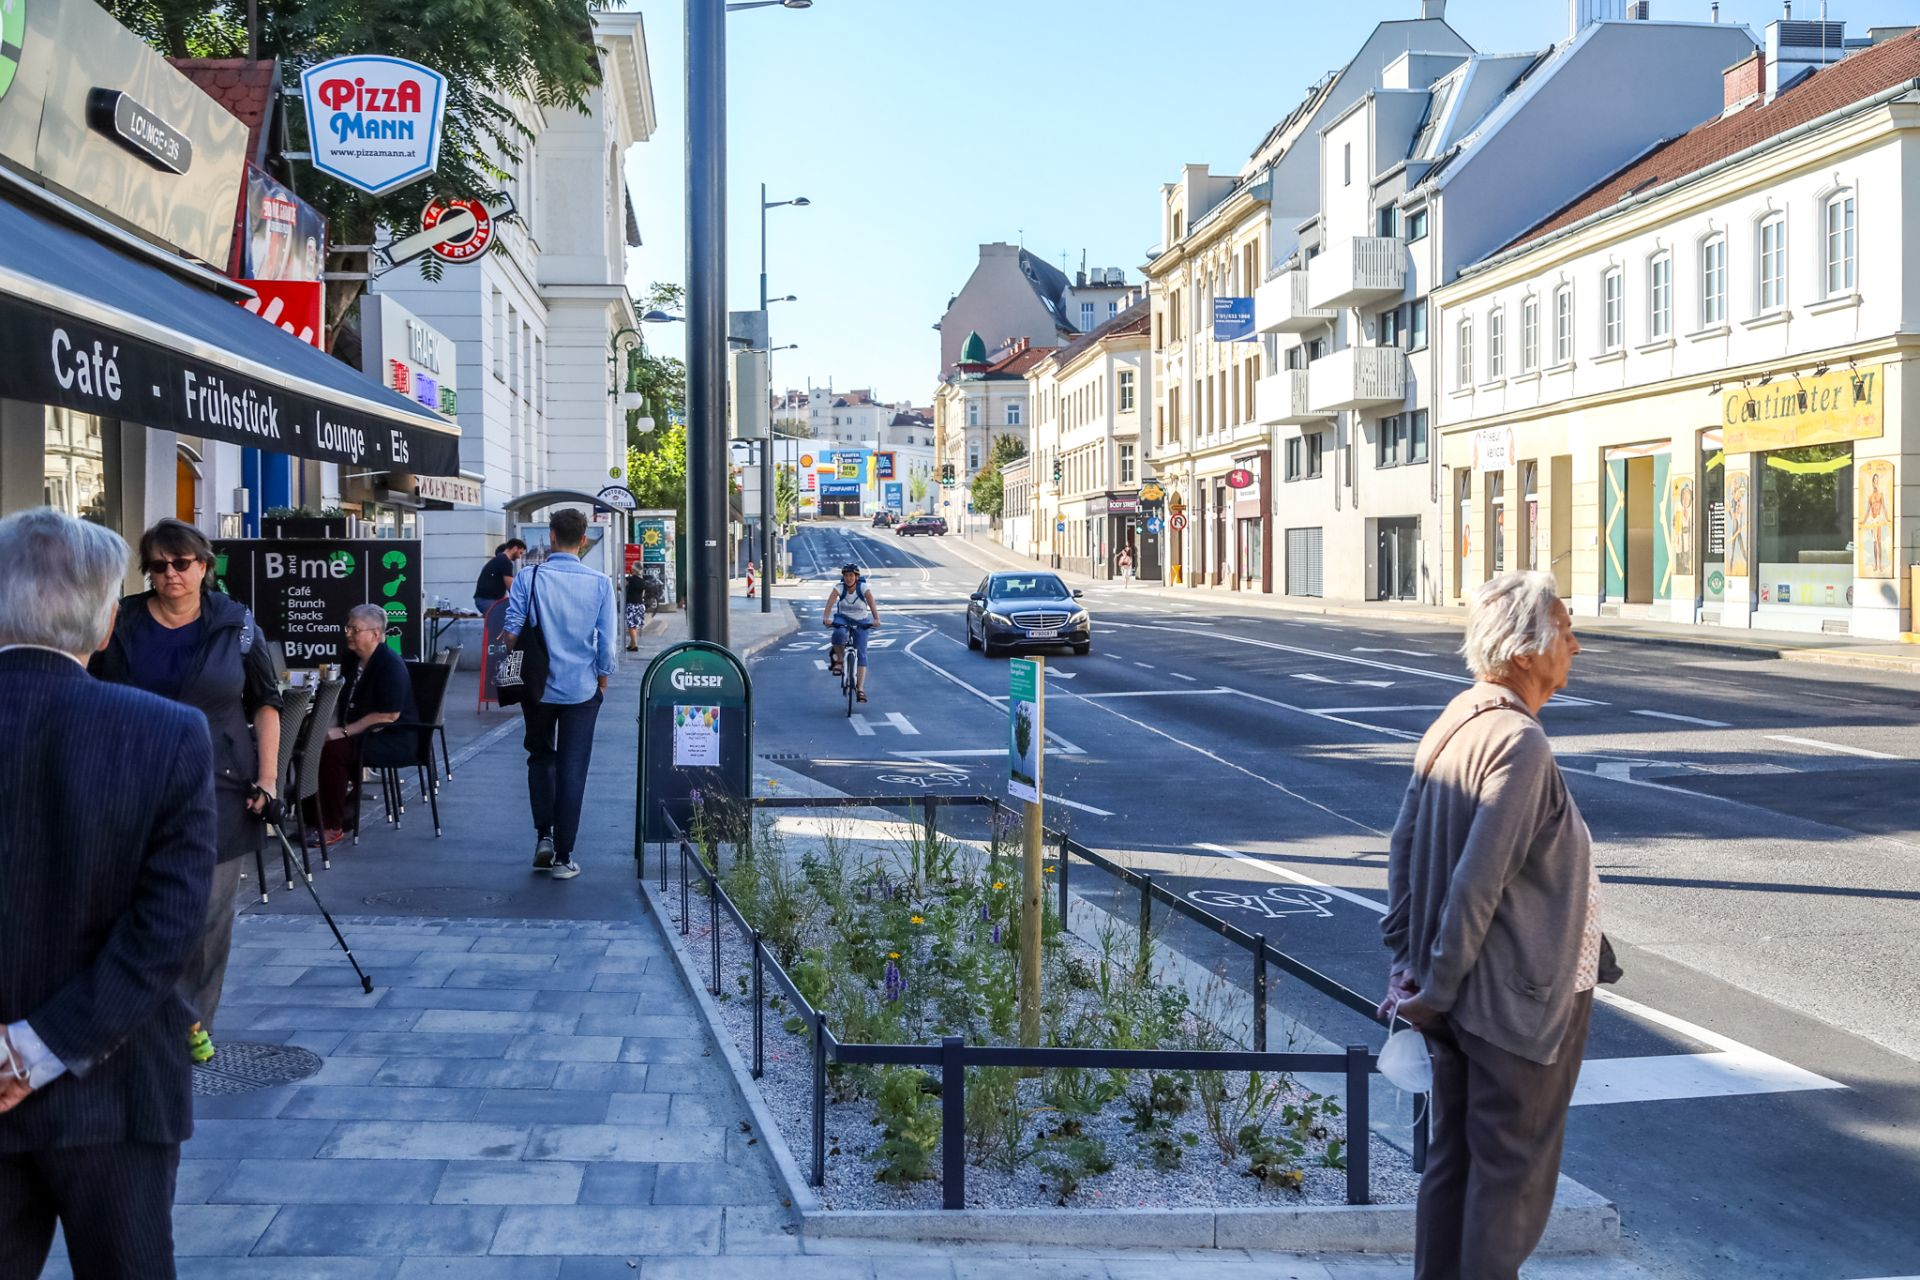 Das Gersthofer Platzl in Währing wurde in den letzten Monaten attraktiviert und zu einem neuen Grätzlzentrum ausgebaut.